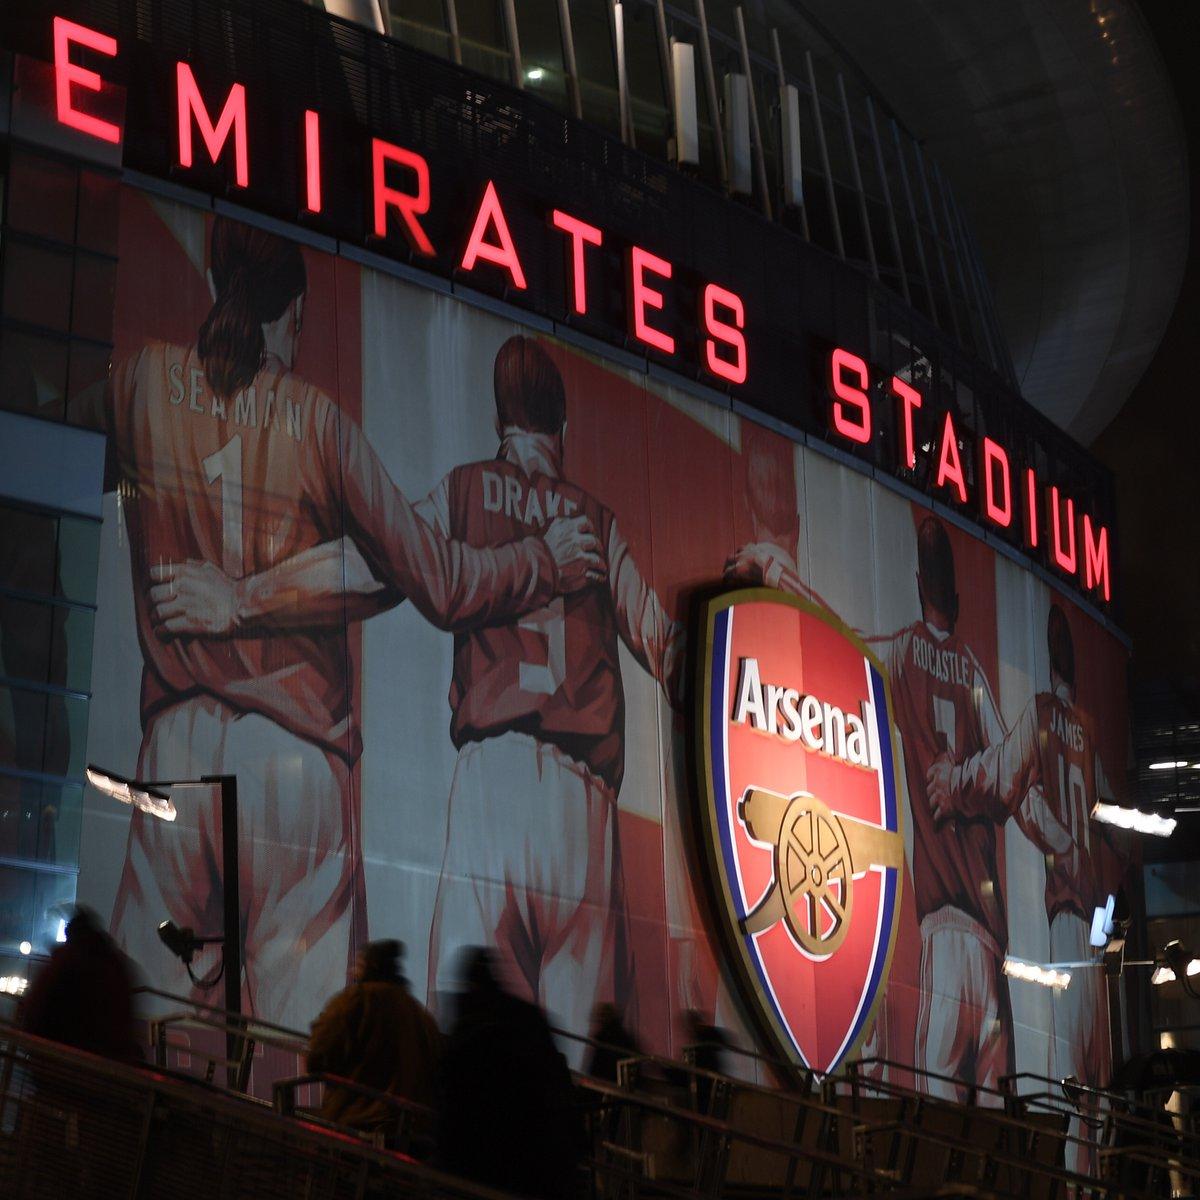 Thắng liền 9 trận, Arsenal trúng luôn hợp đồng tại trợ khủng - Bóng Đá